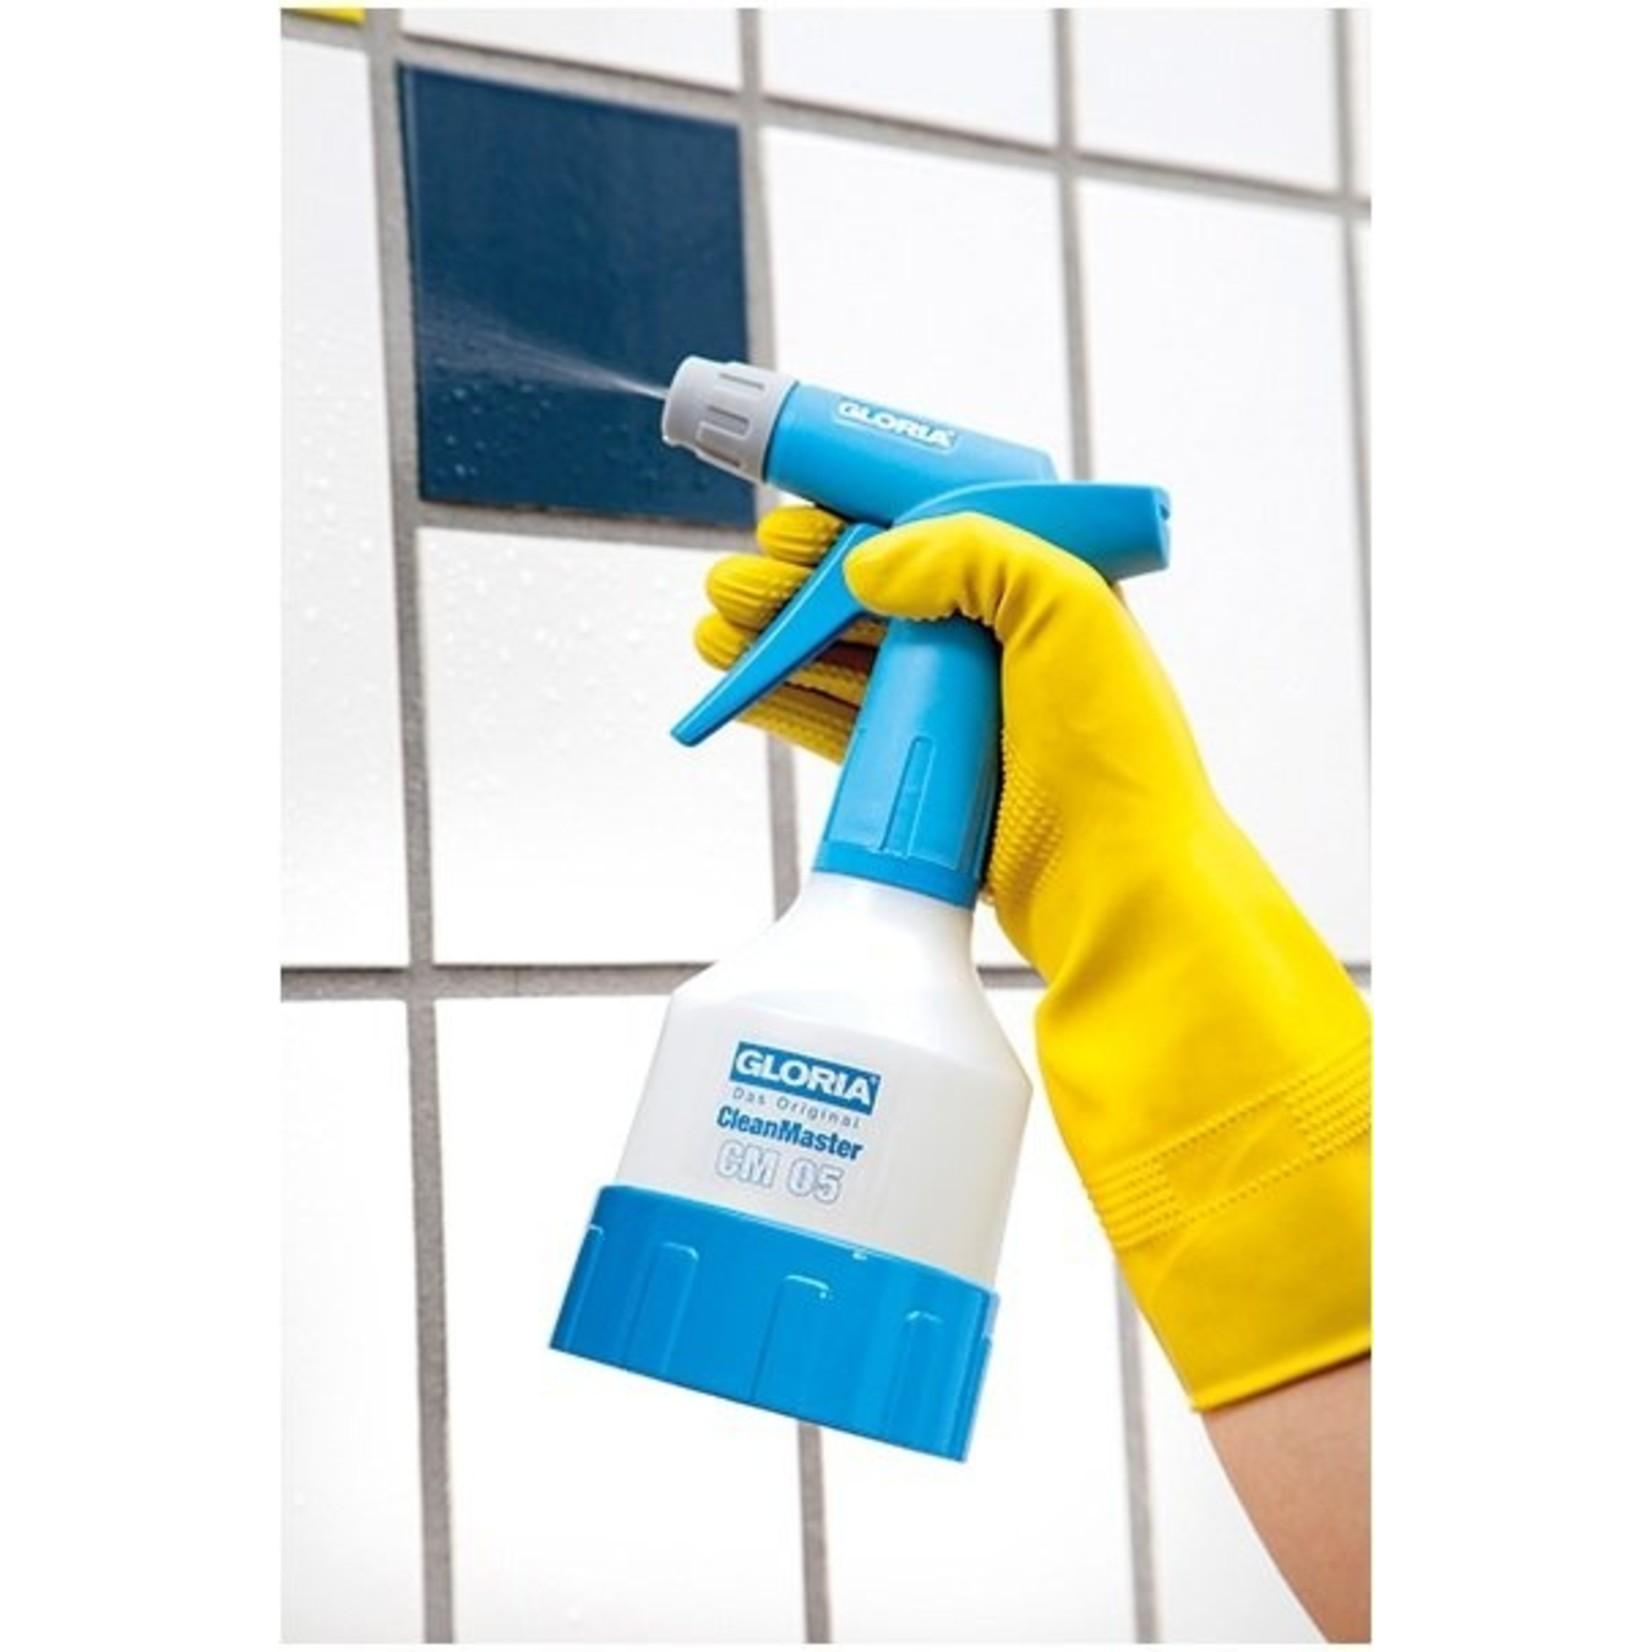 Gloria Reiniging Fijnsproeier CleanMaster 05 (0,5 liter)